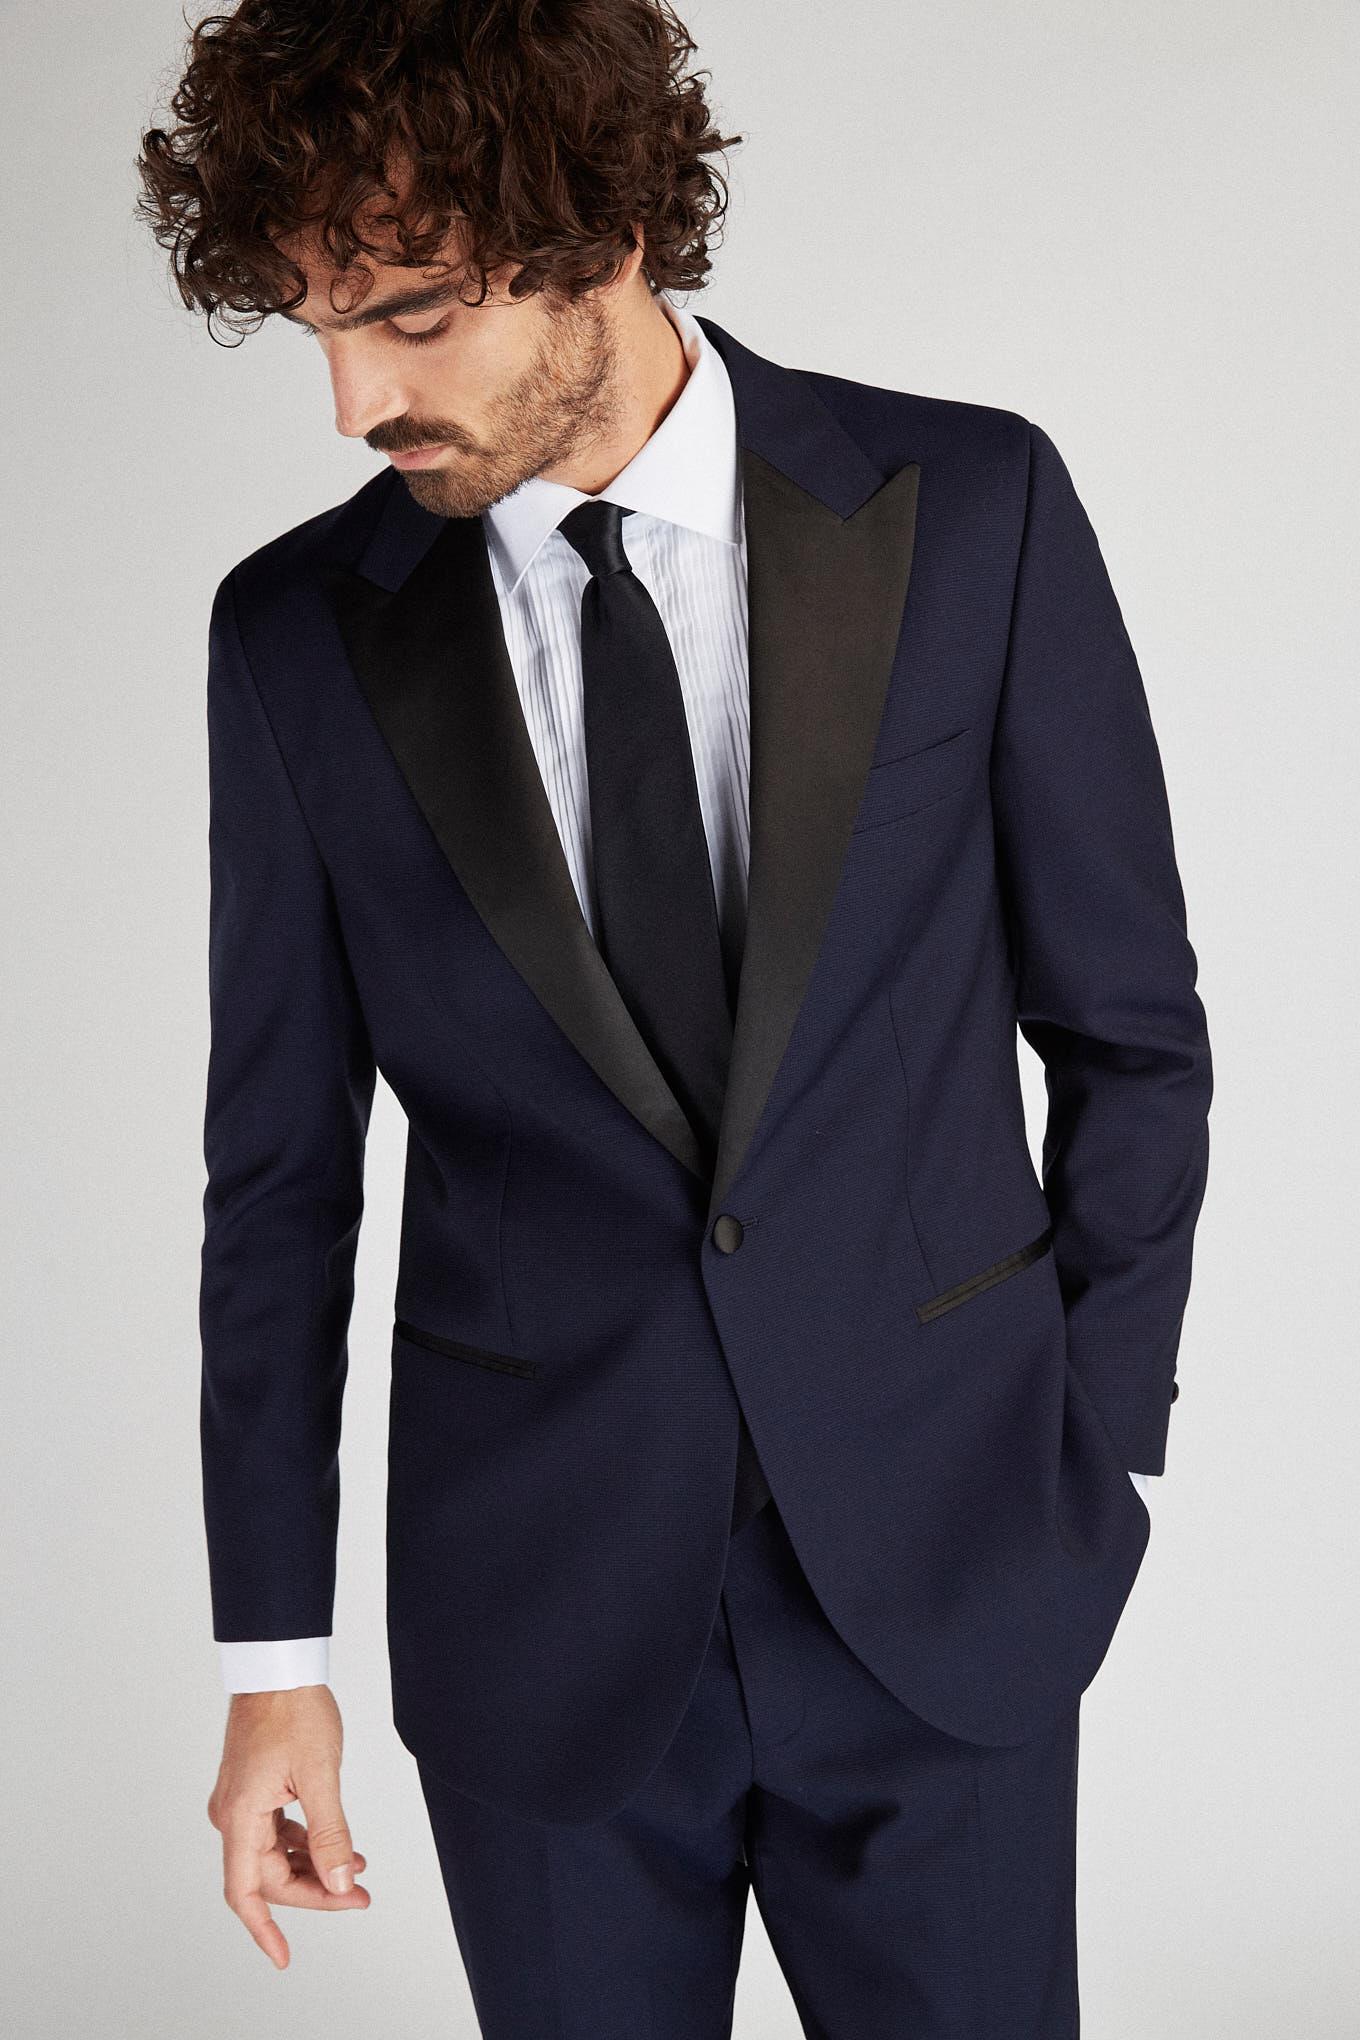 Tuxedo Dark Blue Classic Man